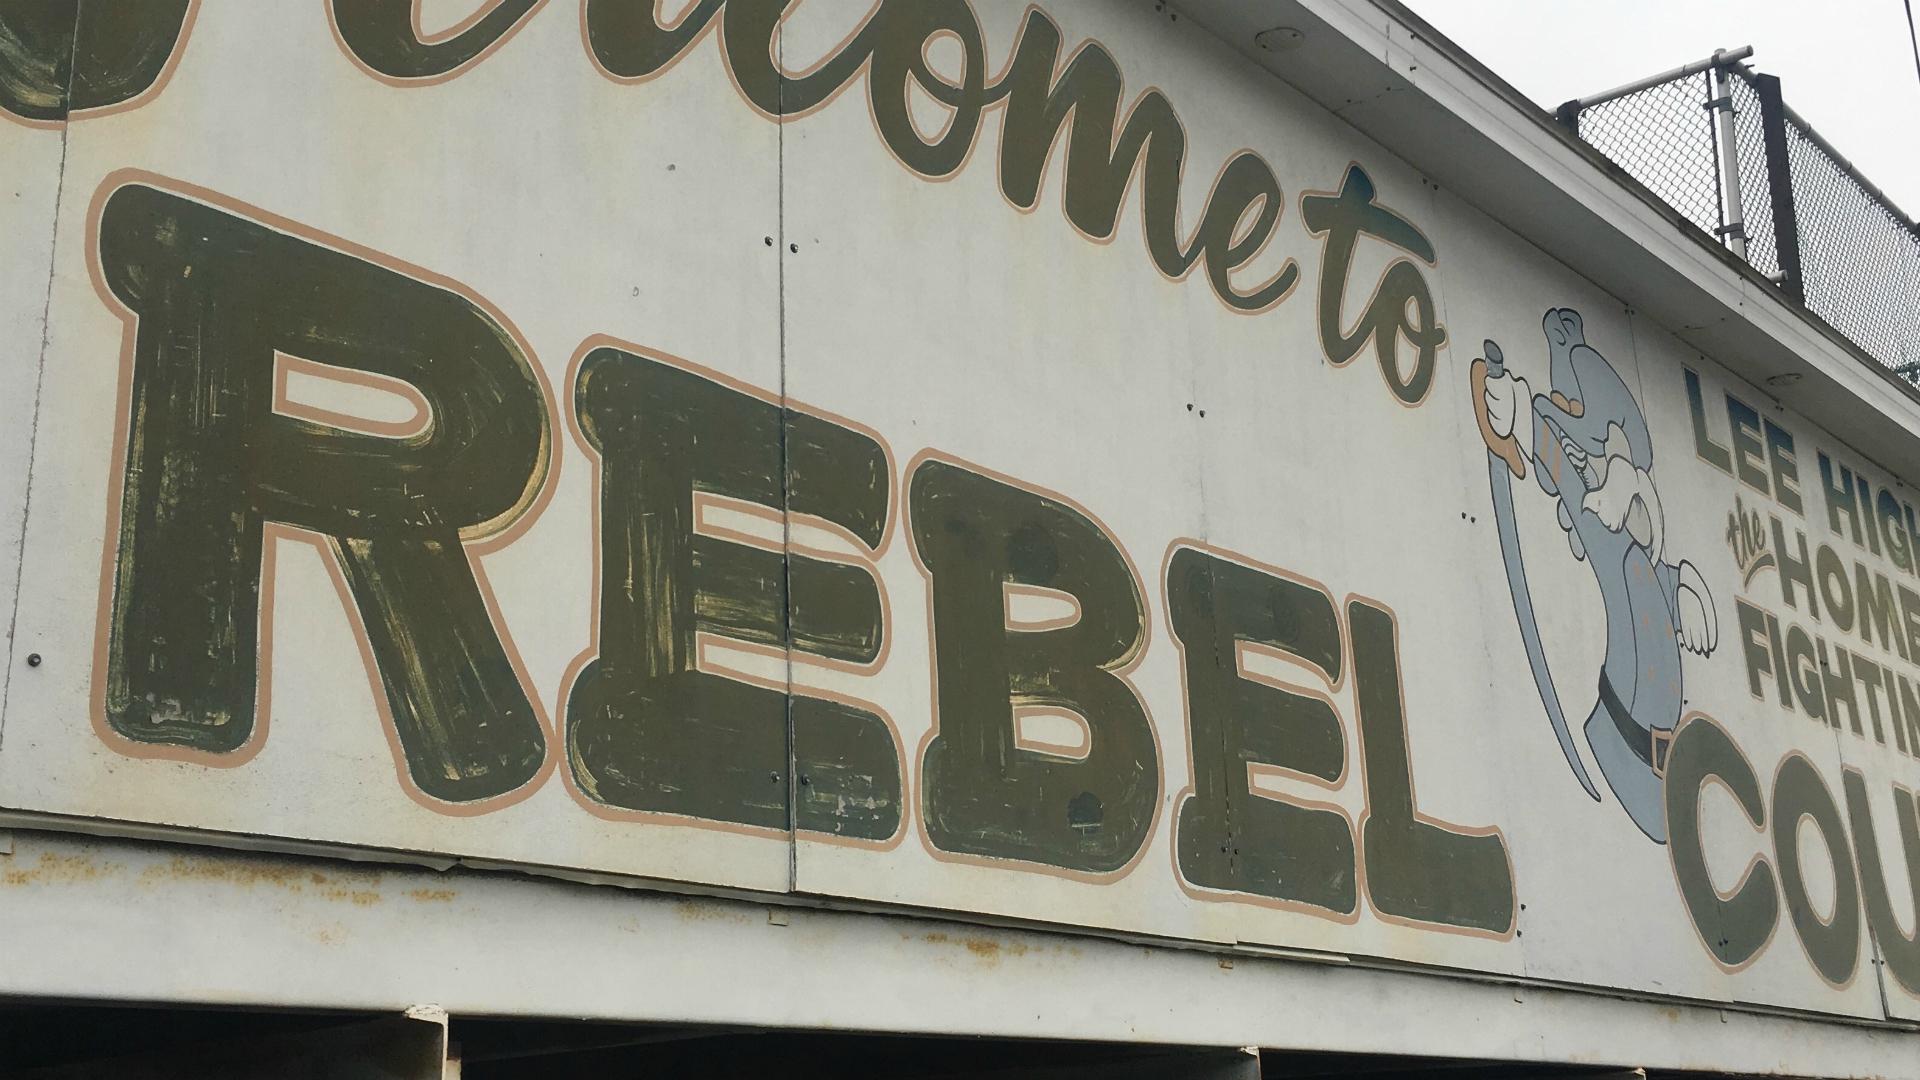 wyoming lee high school rebel mascot 121118_1544564291676.jpg.jpg